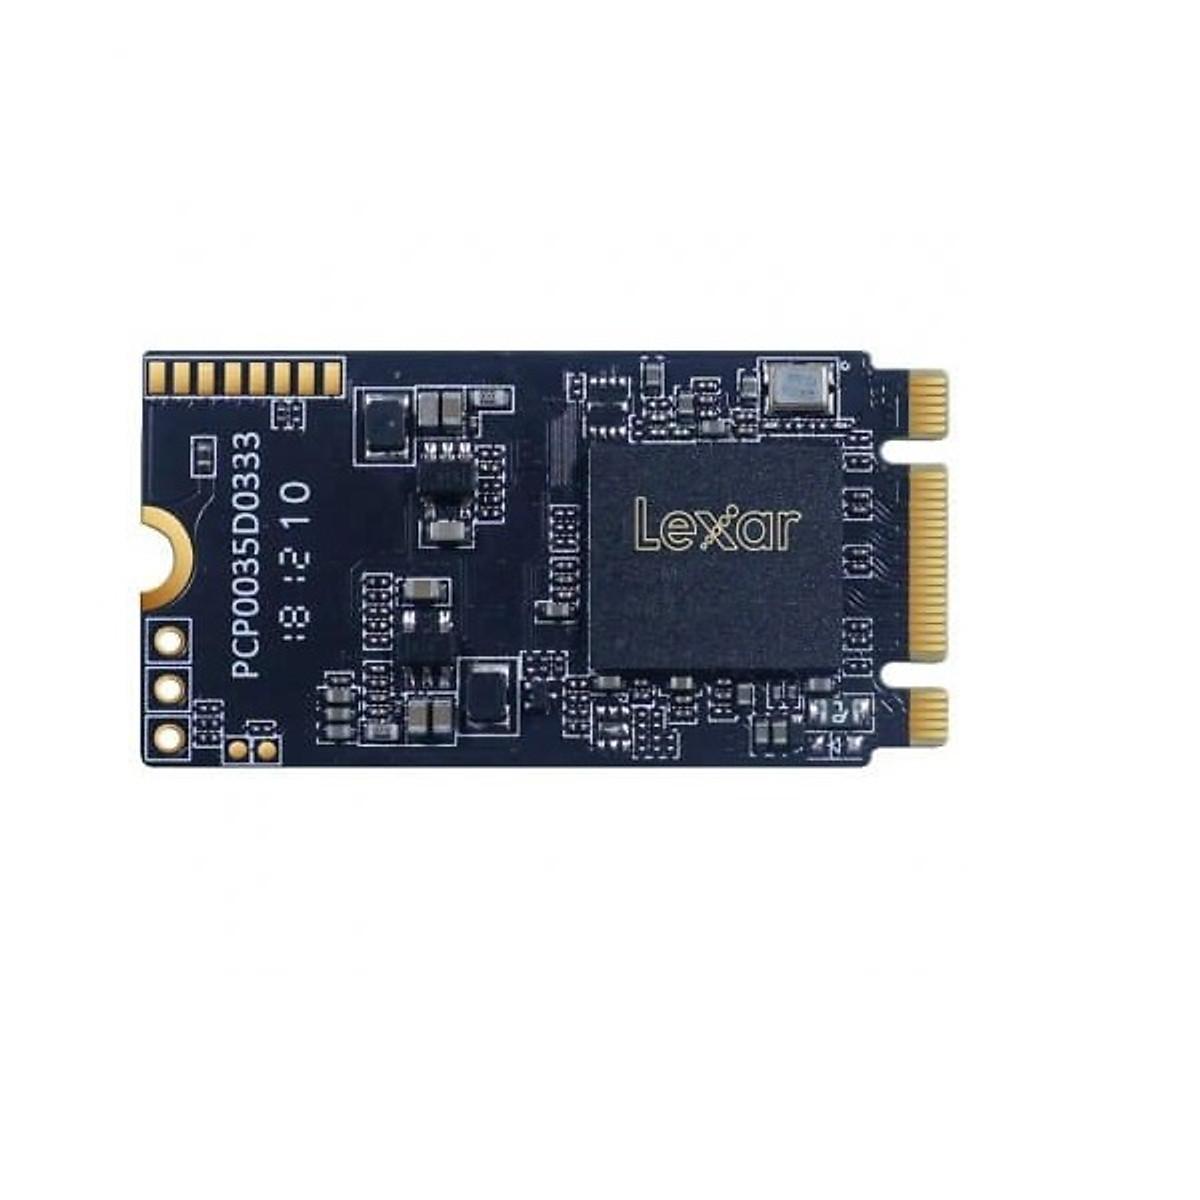 Ổ Cứng SSD Lexar NM520 M2 2242 PCIe NVMe – Hàng Nhập Khẩu